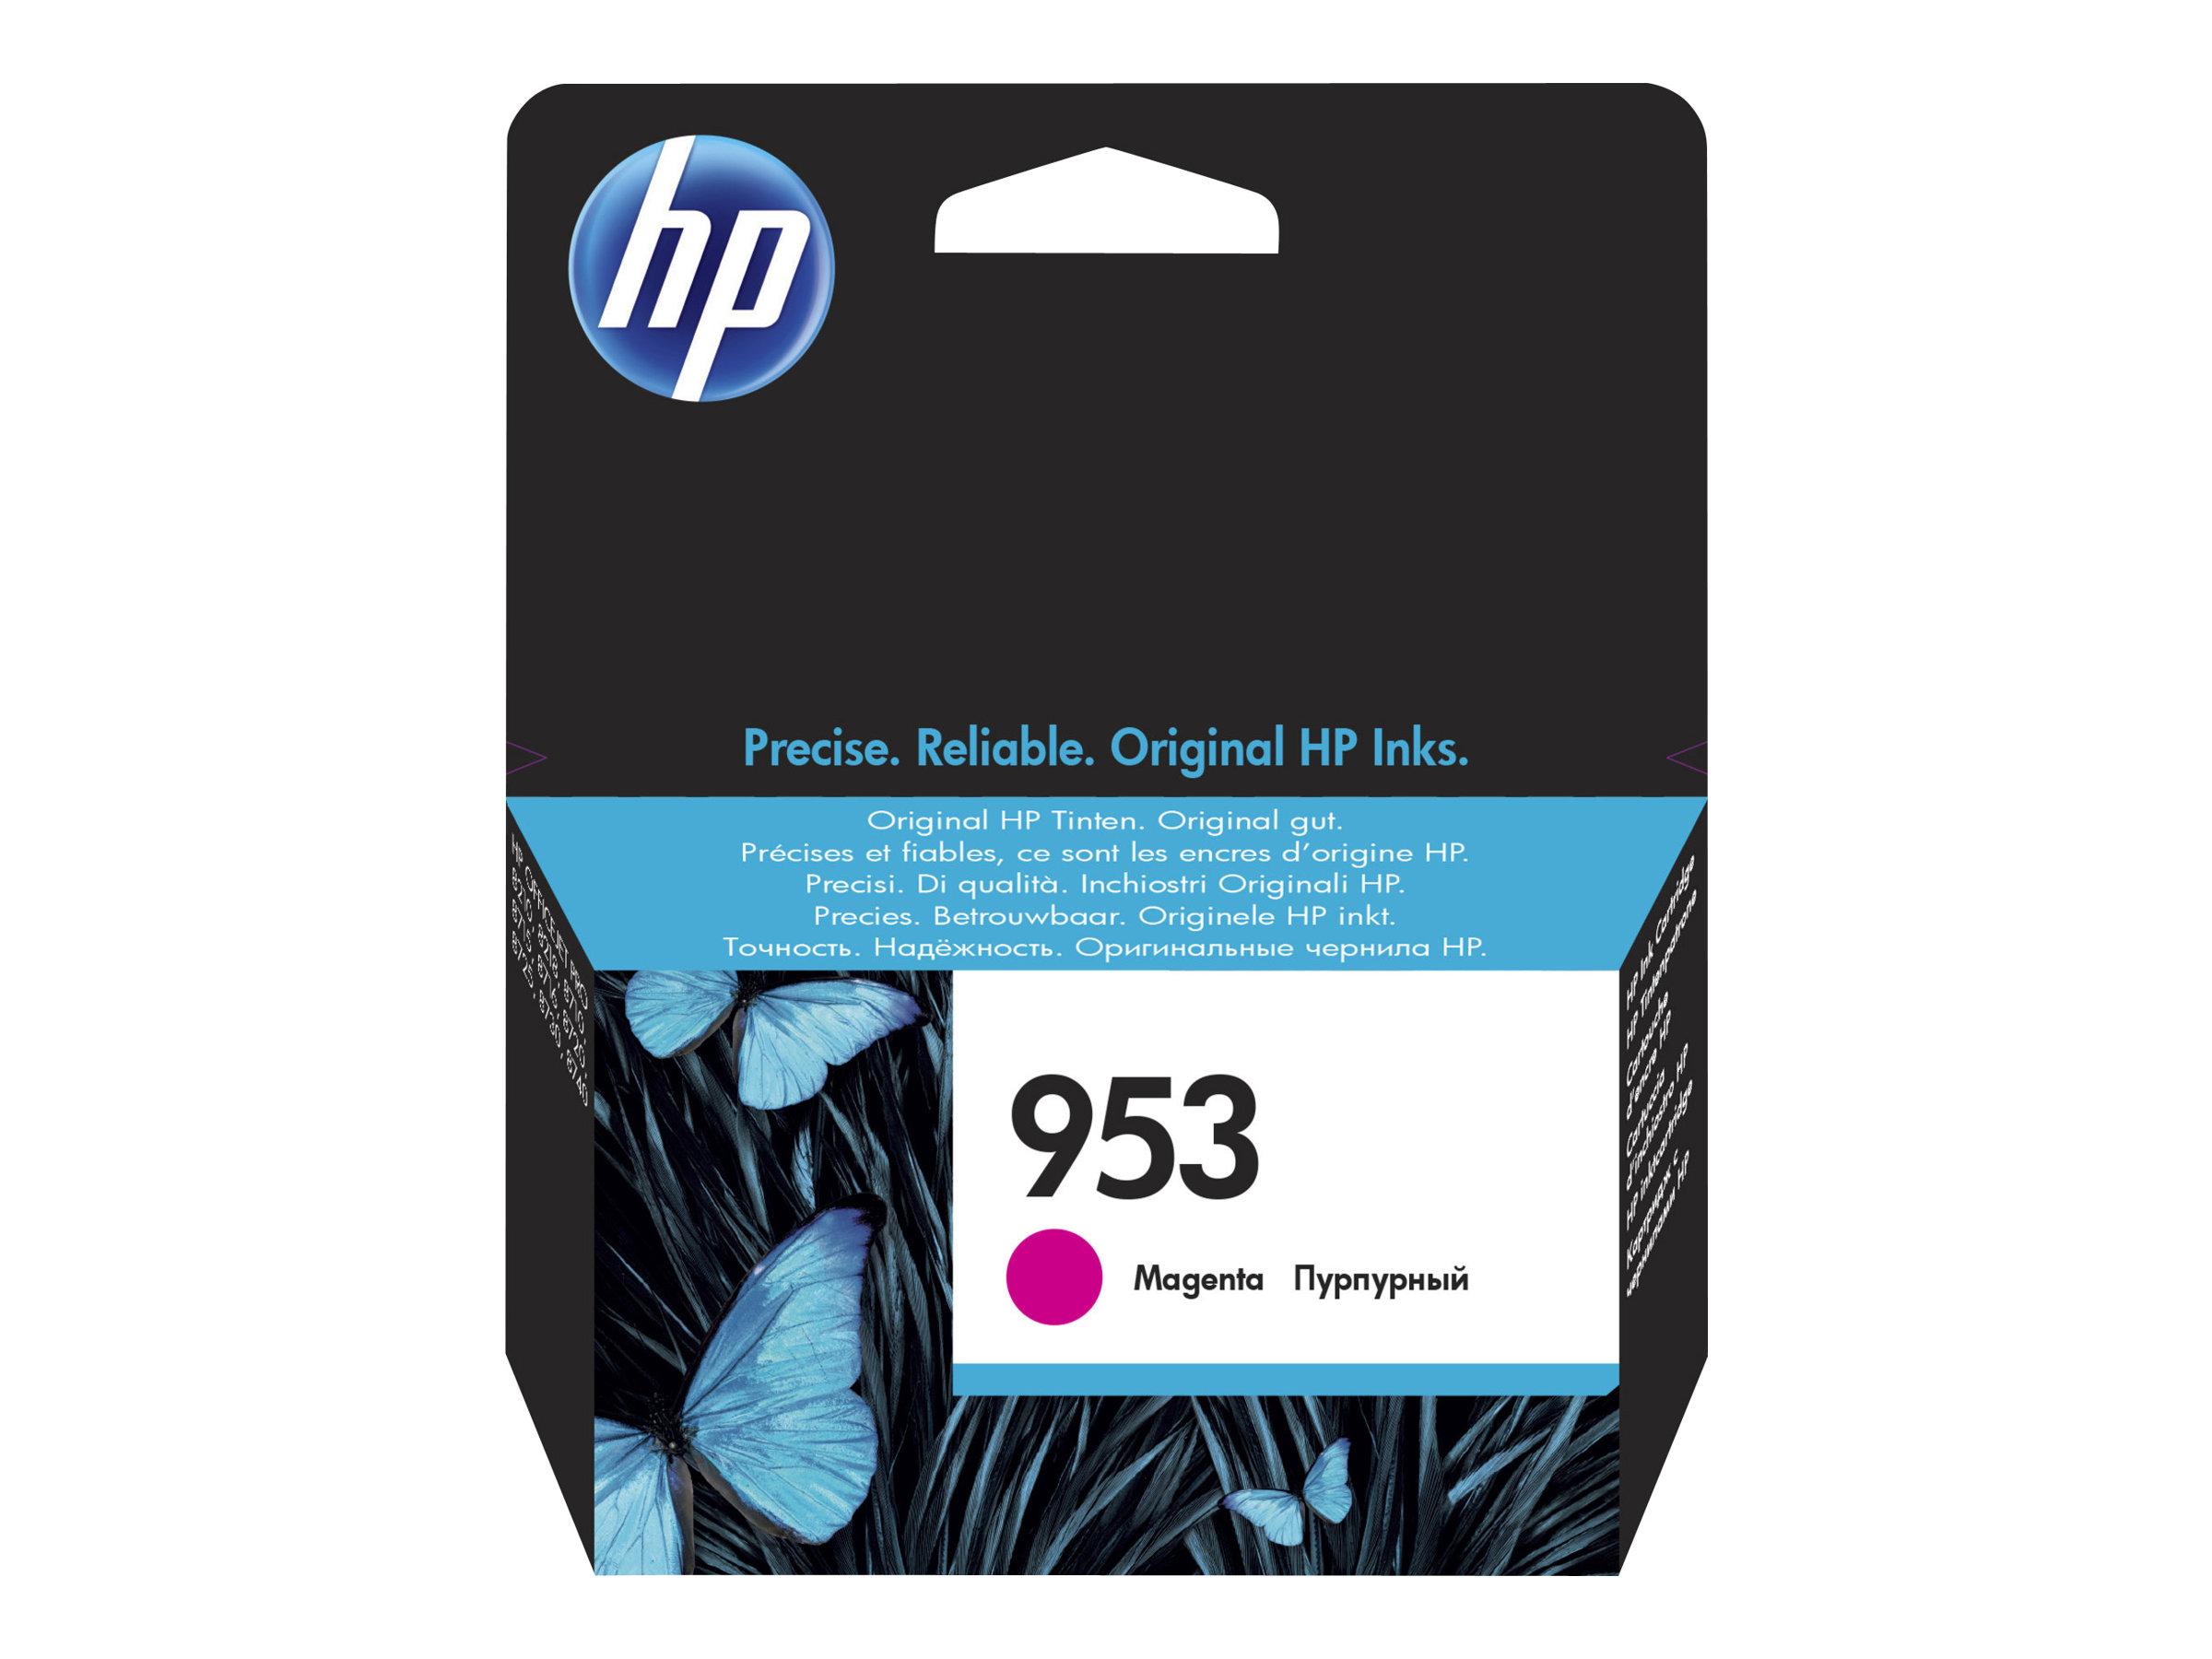 HP 953 - magenta - originale - cartouche d'encre